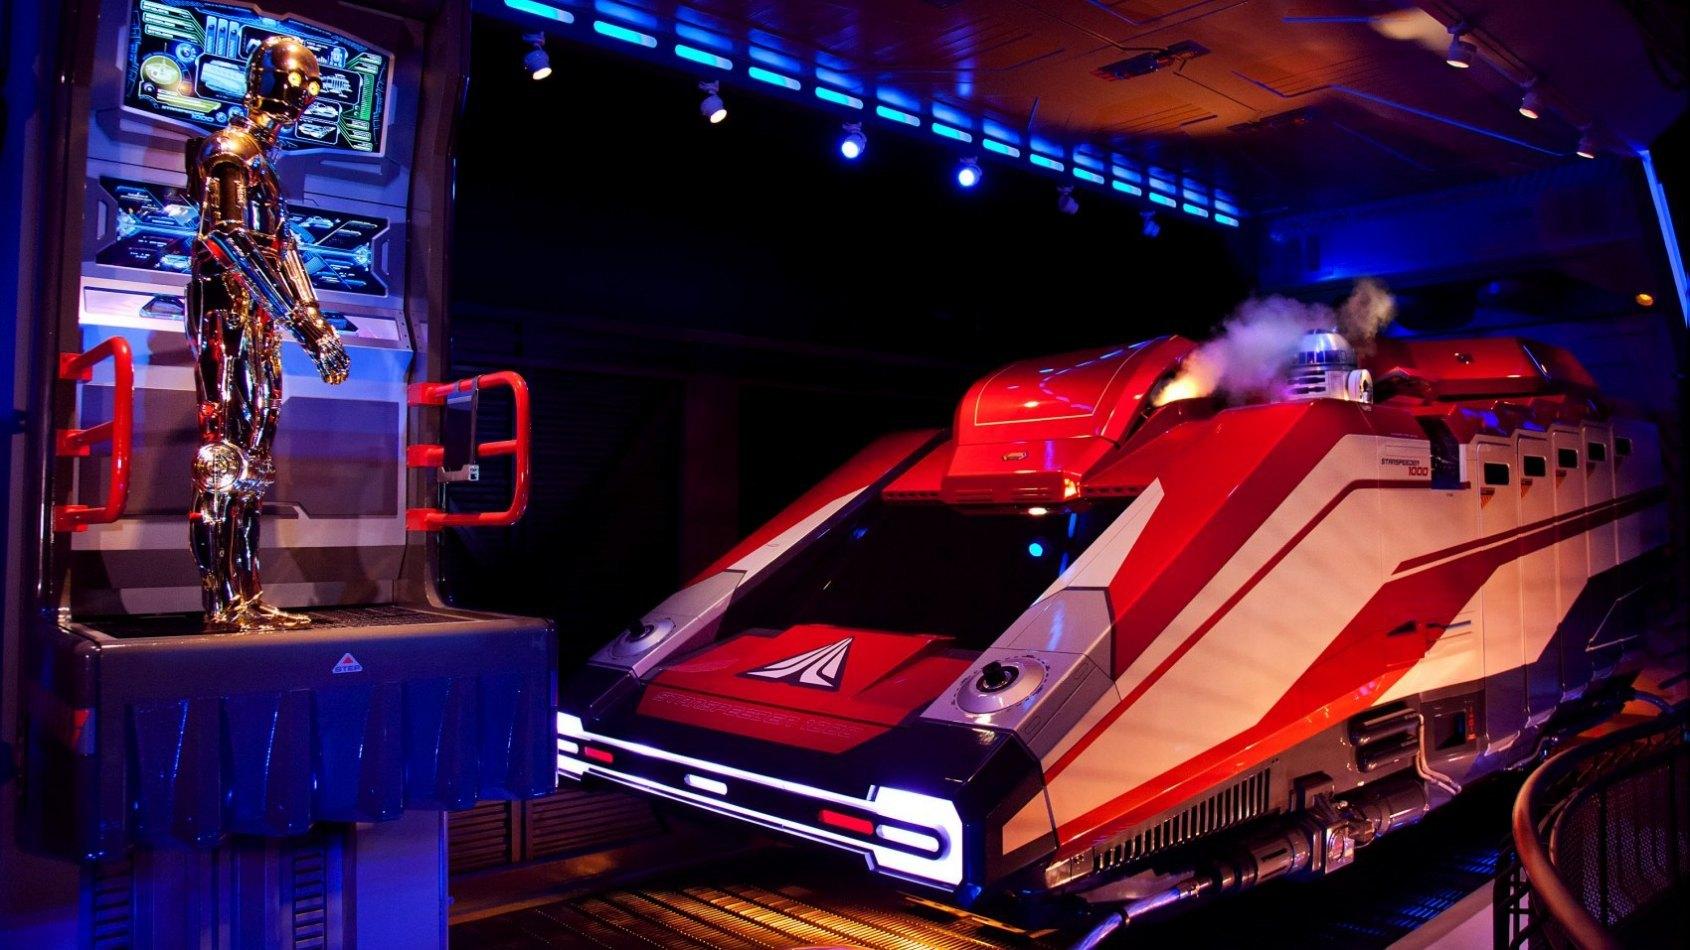 La nouvelle entrée de Star Tours 2 à Disneyland Paris dévoilée